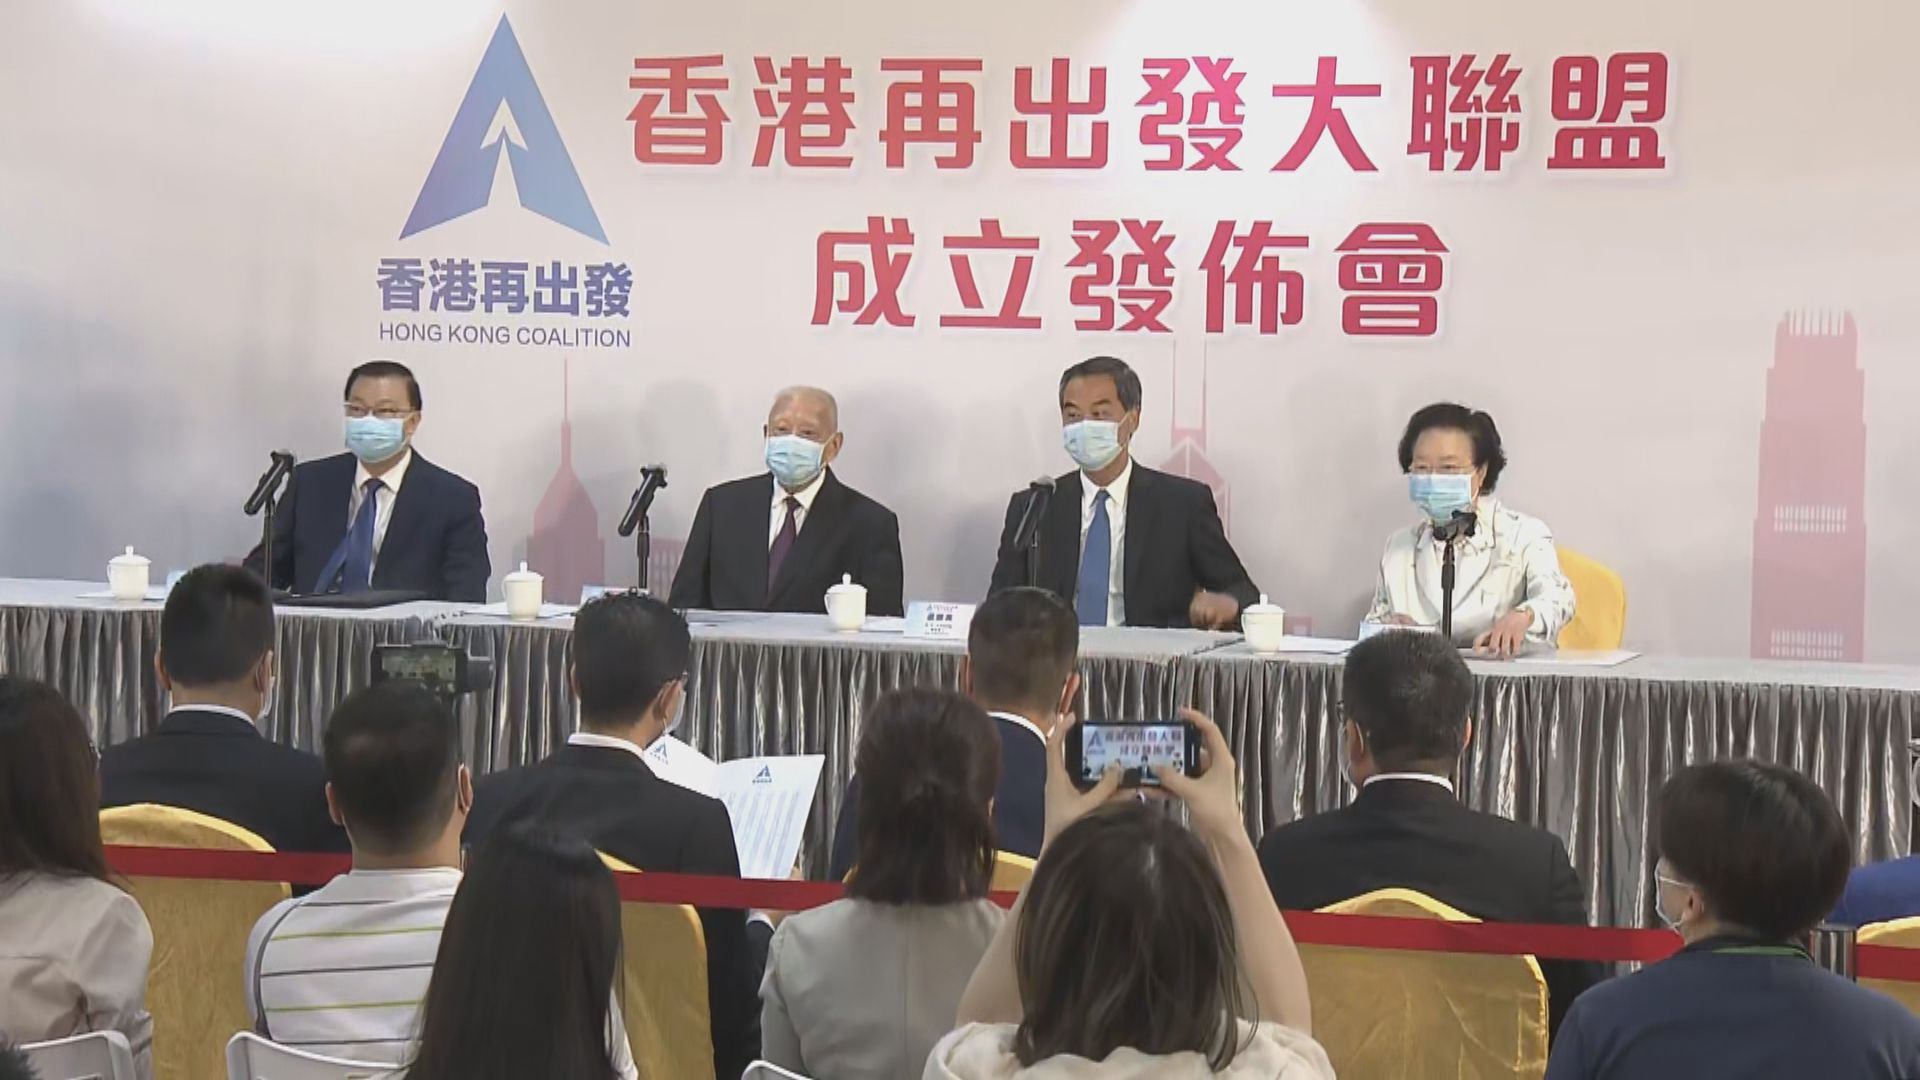 董建華梁振英牽頭成立香港再出發大聯盟